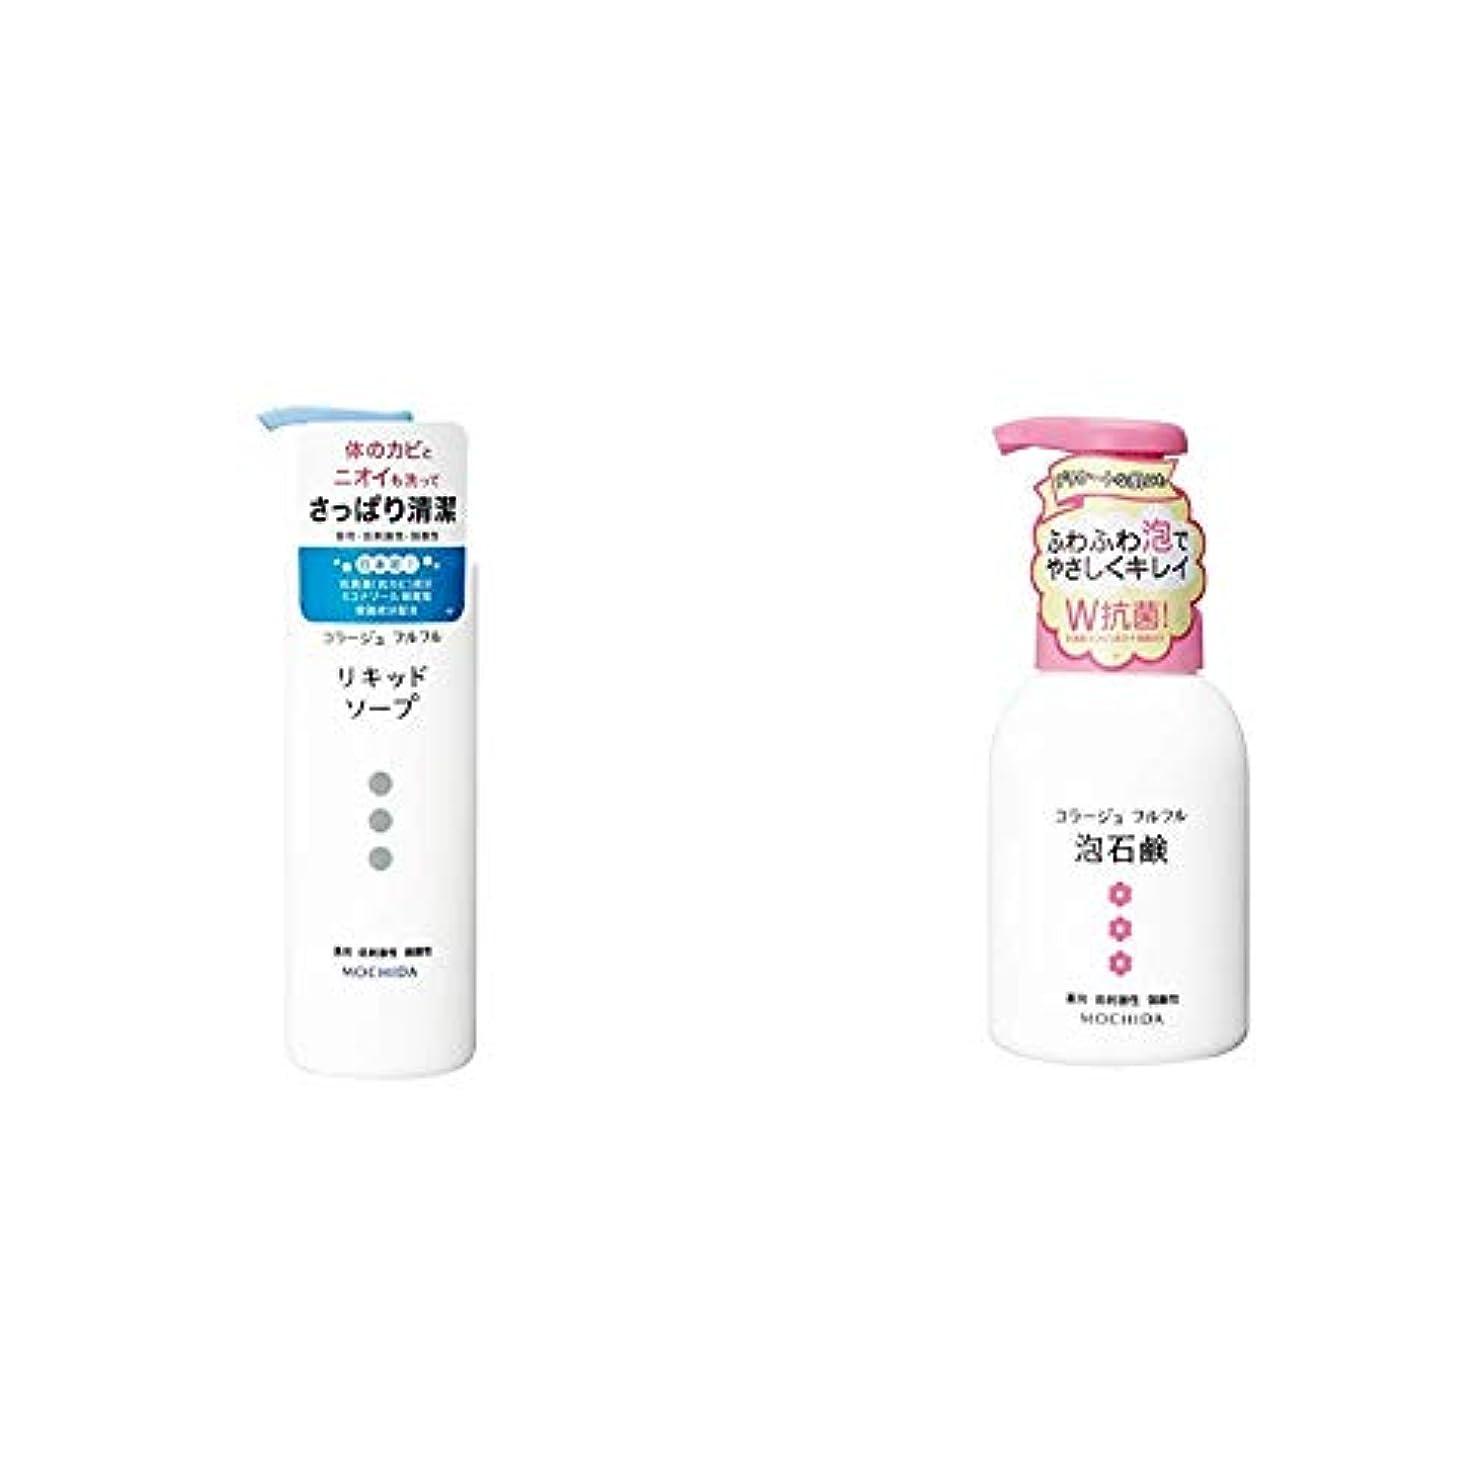 パトロール半球してはいけないコラージュフルフル 液体石鹸 250mL (医薬部外品) & 泡石鹸 ピンク 300m L (医薬部外品)